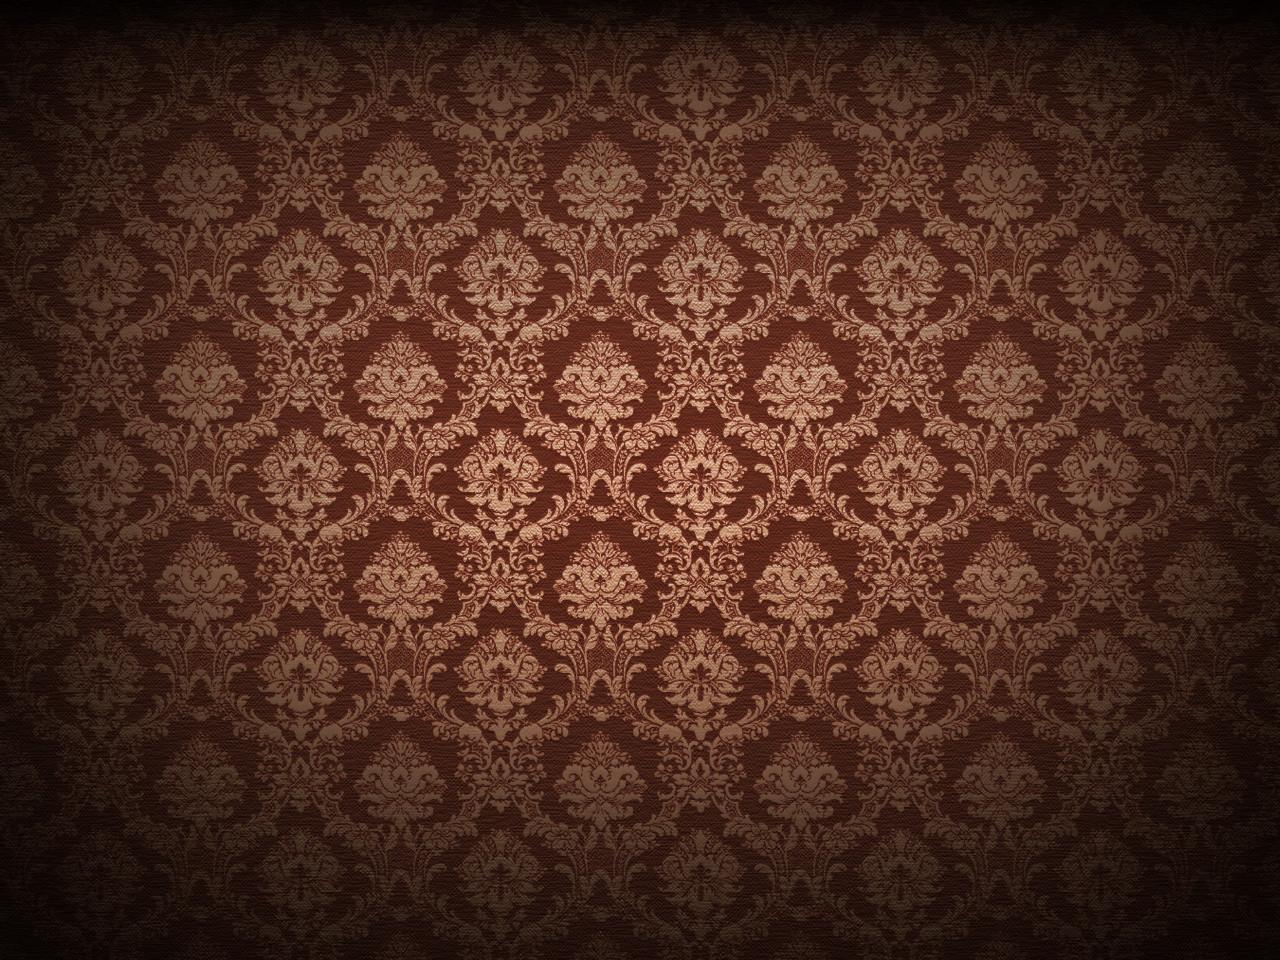 background damask